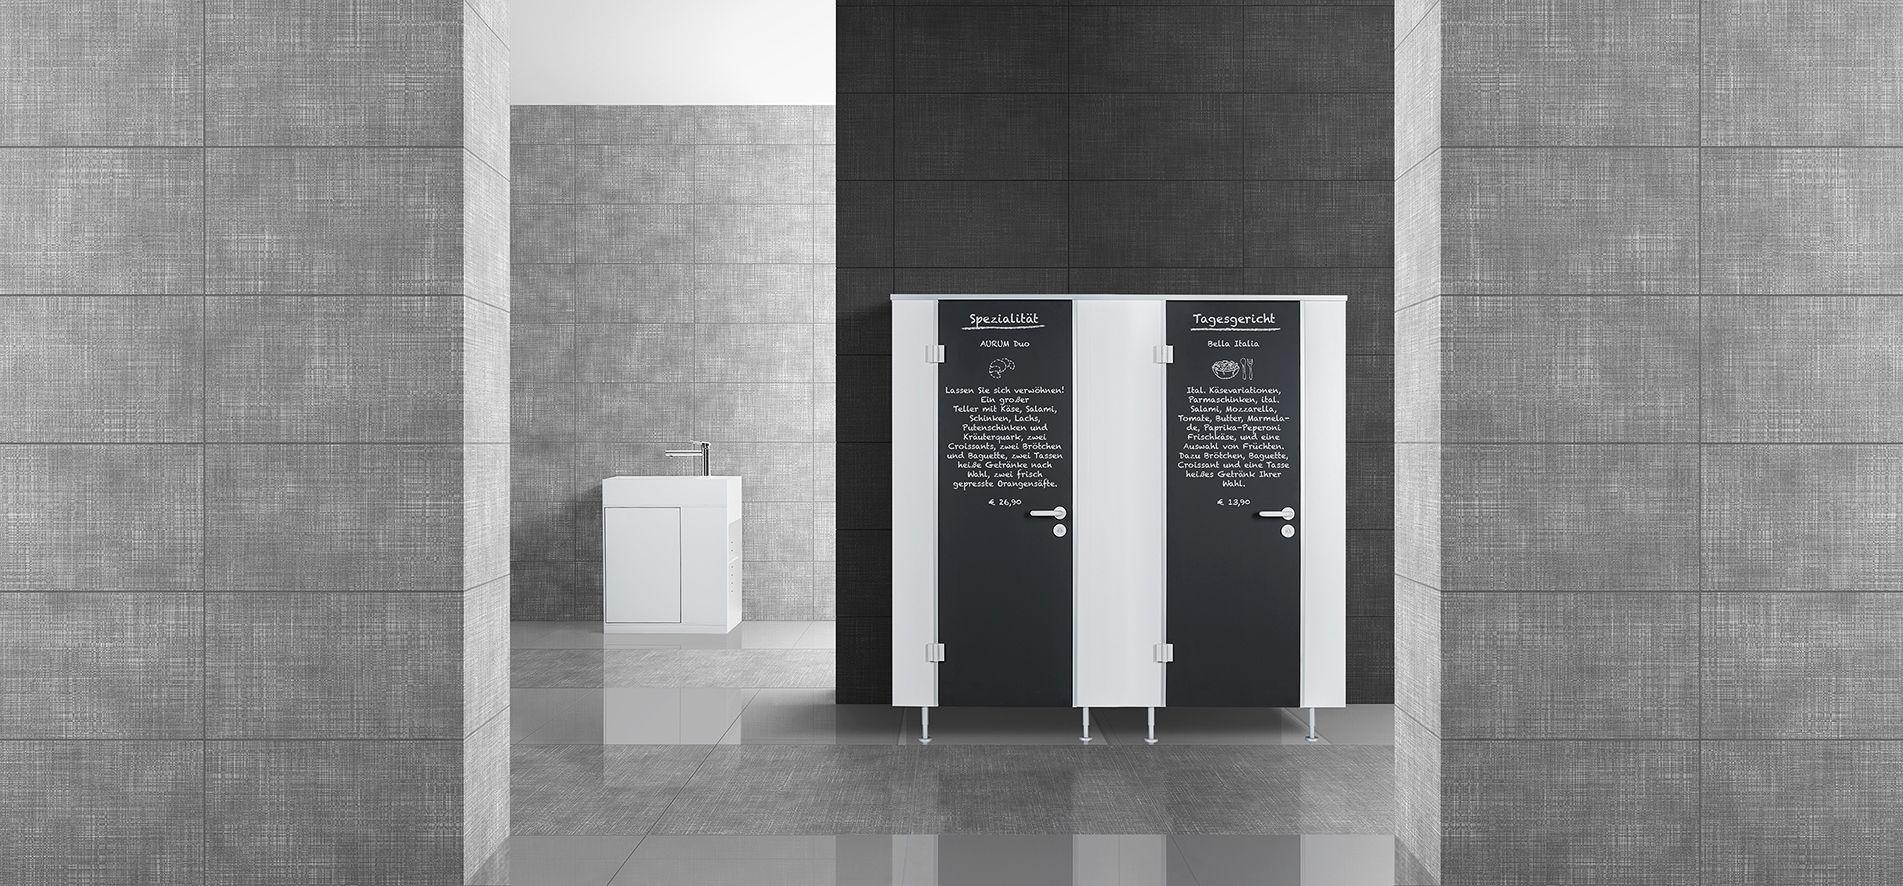 wc-trennwand-wc-trennwand-beschriftbar-wc-trennwand-design-trennwandsysteme-wc-trennwaende